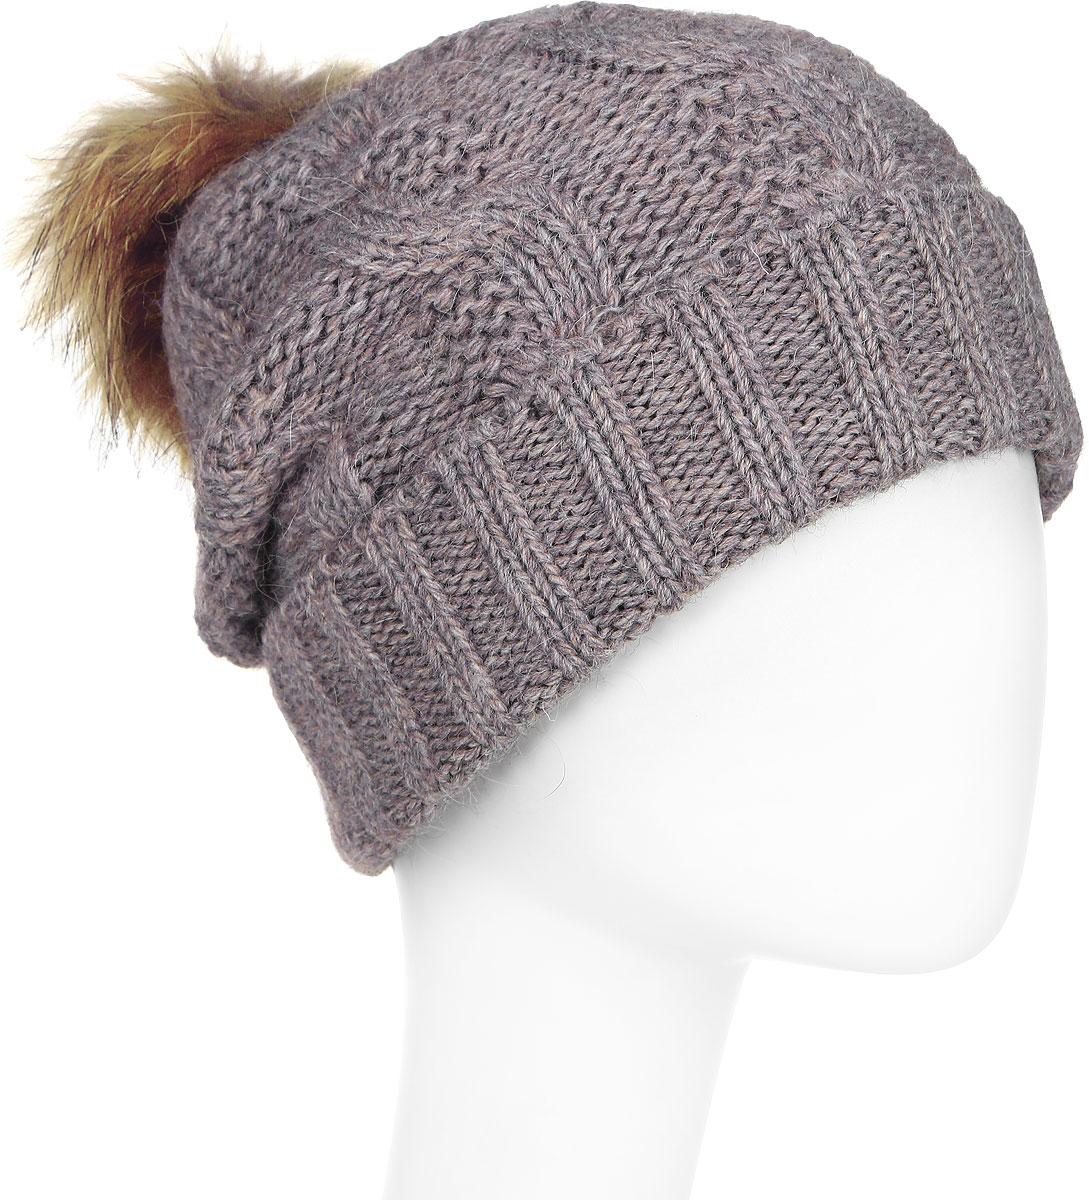 Шапка женская Paccia, цвет: бежевый. NR-21711-7. Размер 55/58NR-21711-7Стильная женская шапка-бини Paccia выполнена из акрила с добавлением шерсти. Модель дополнена меховым помпоном. Эта шапка не только согреет в холодную погоду, но и стильно дополнит ваш образ.